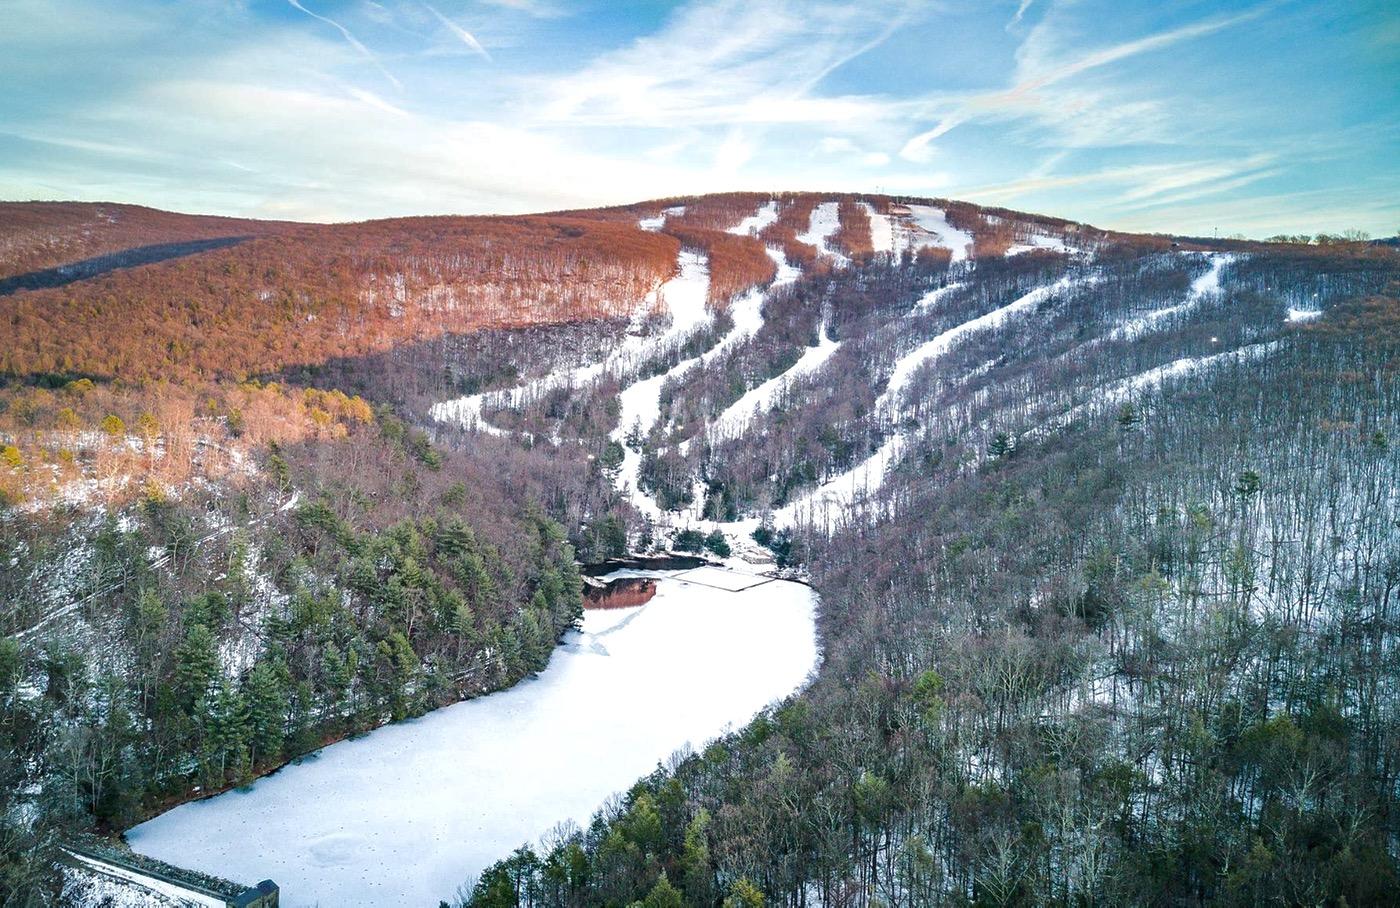 montage mountain aerial